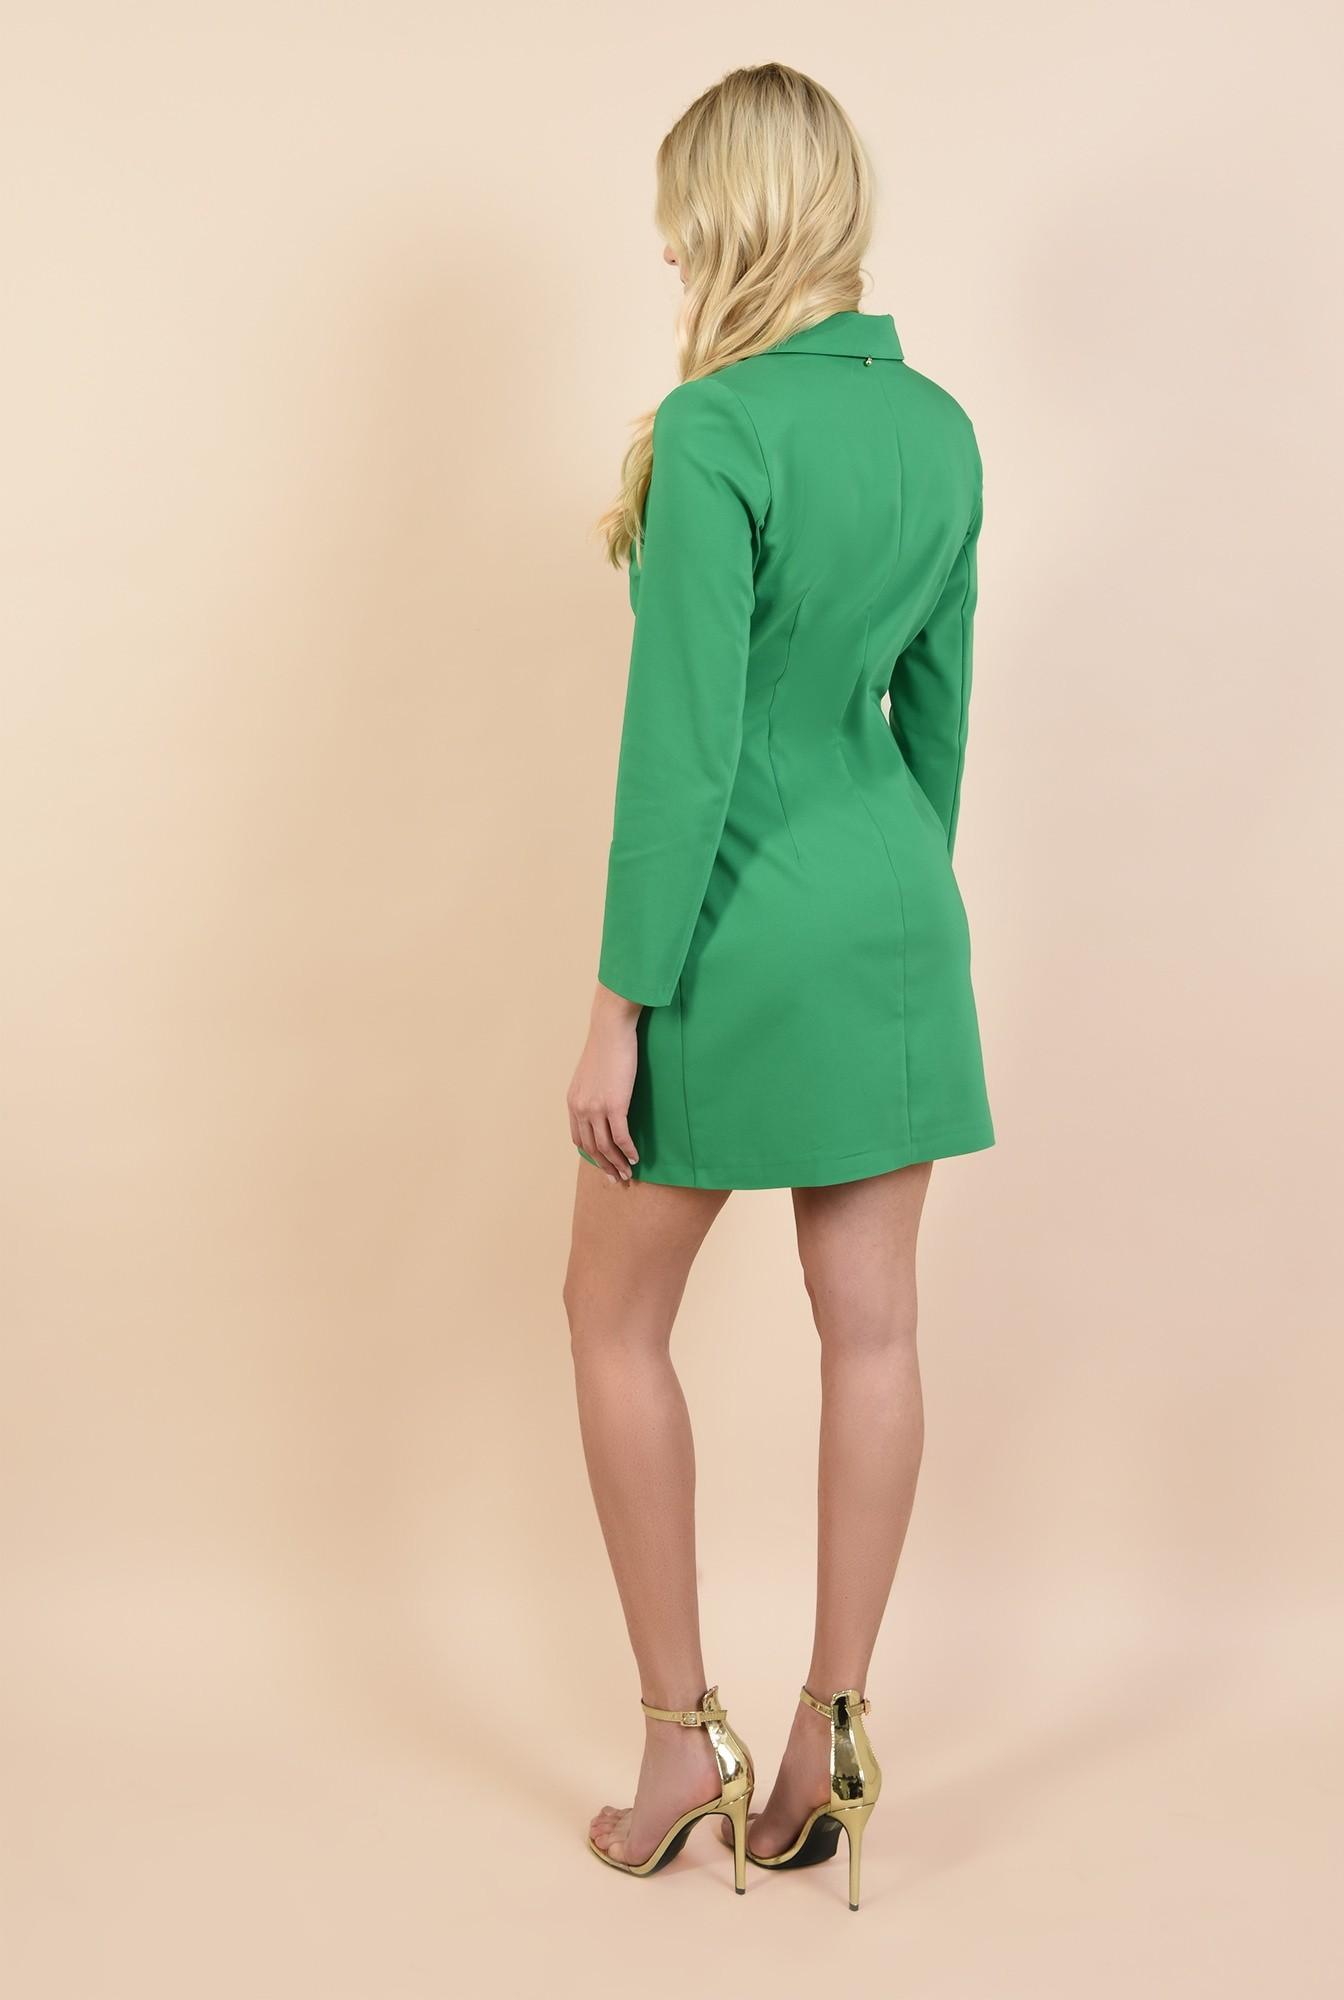 1 - rochie sacou, verde, cu nasturi metalici, scurta, croi cambrat